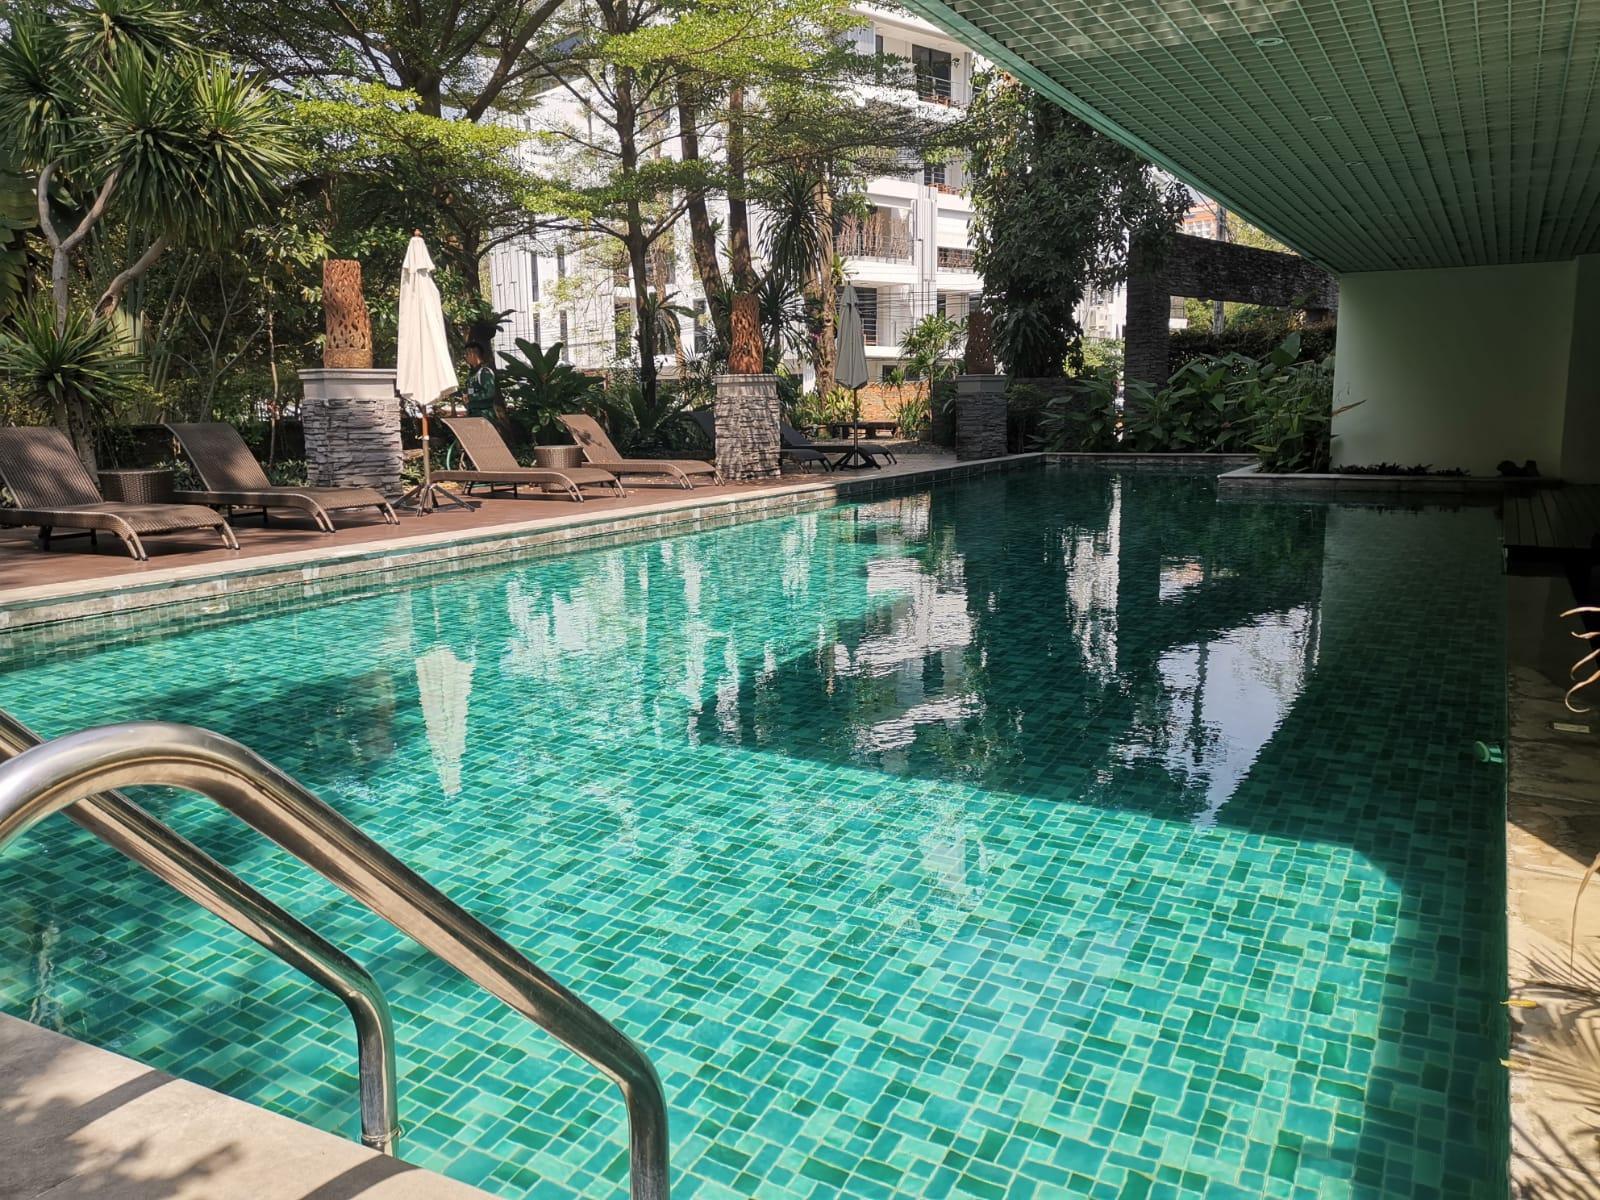 120SQM 2 Suite Condo And Excellent Location